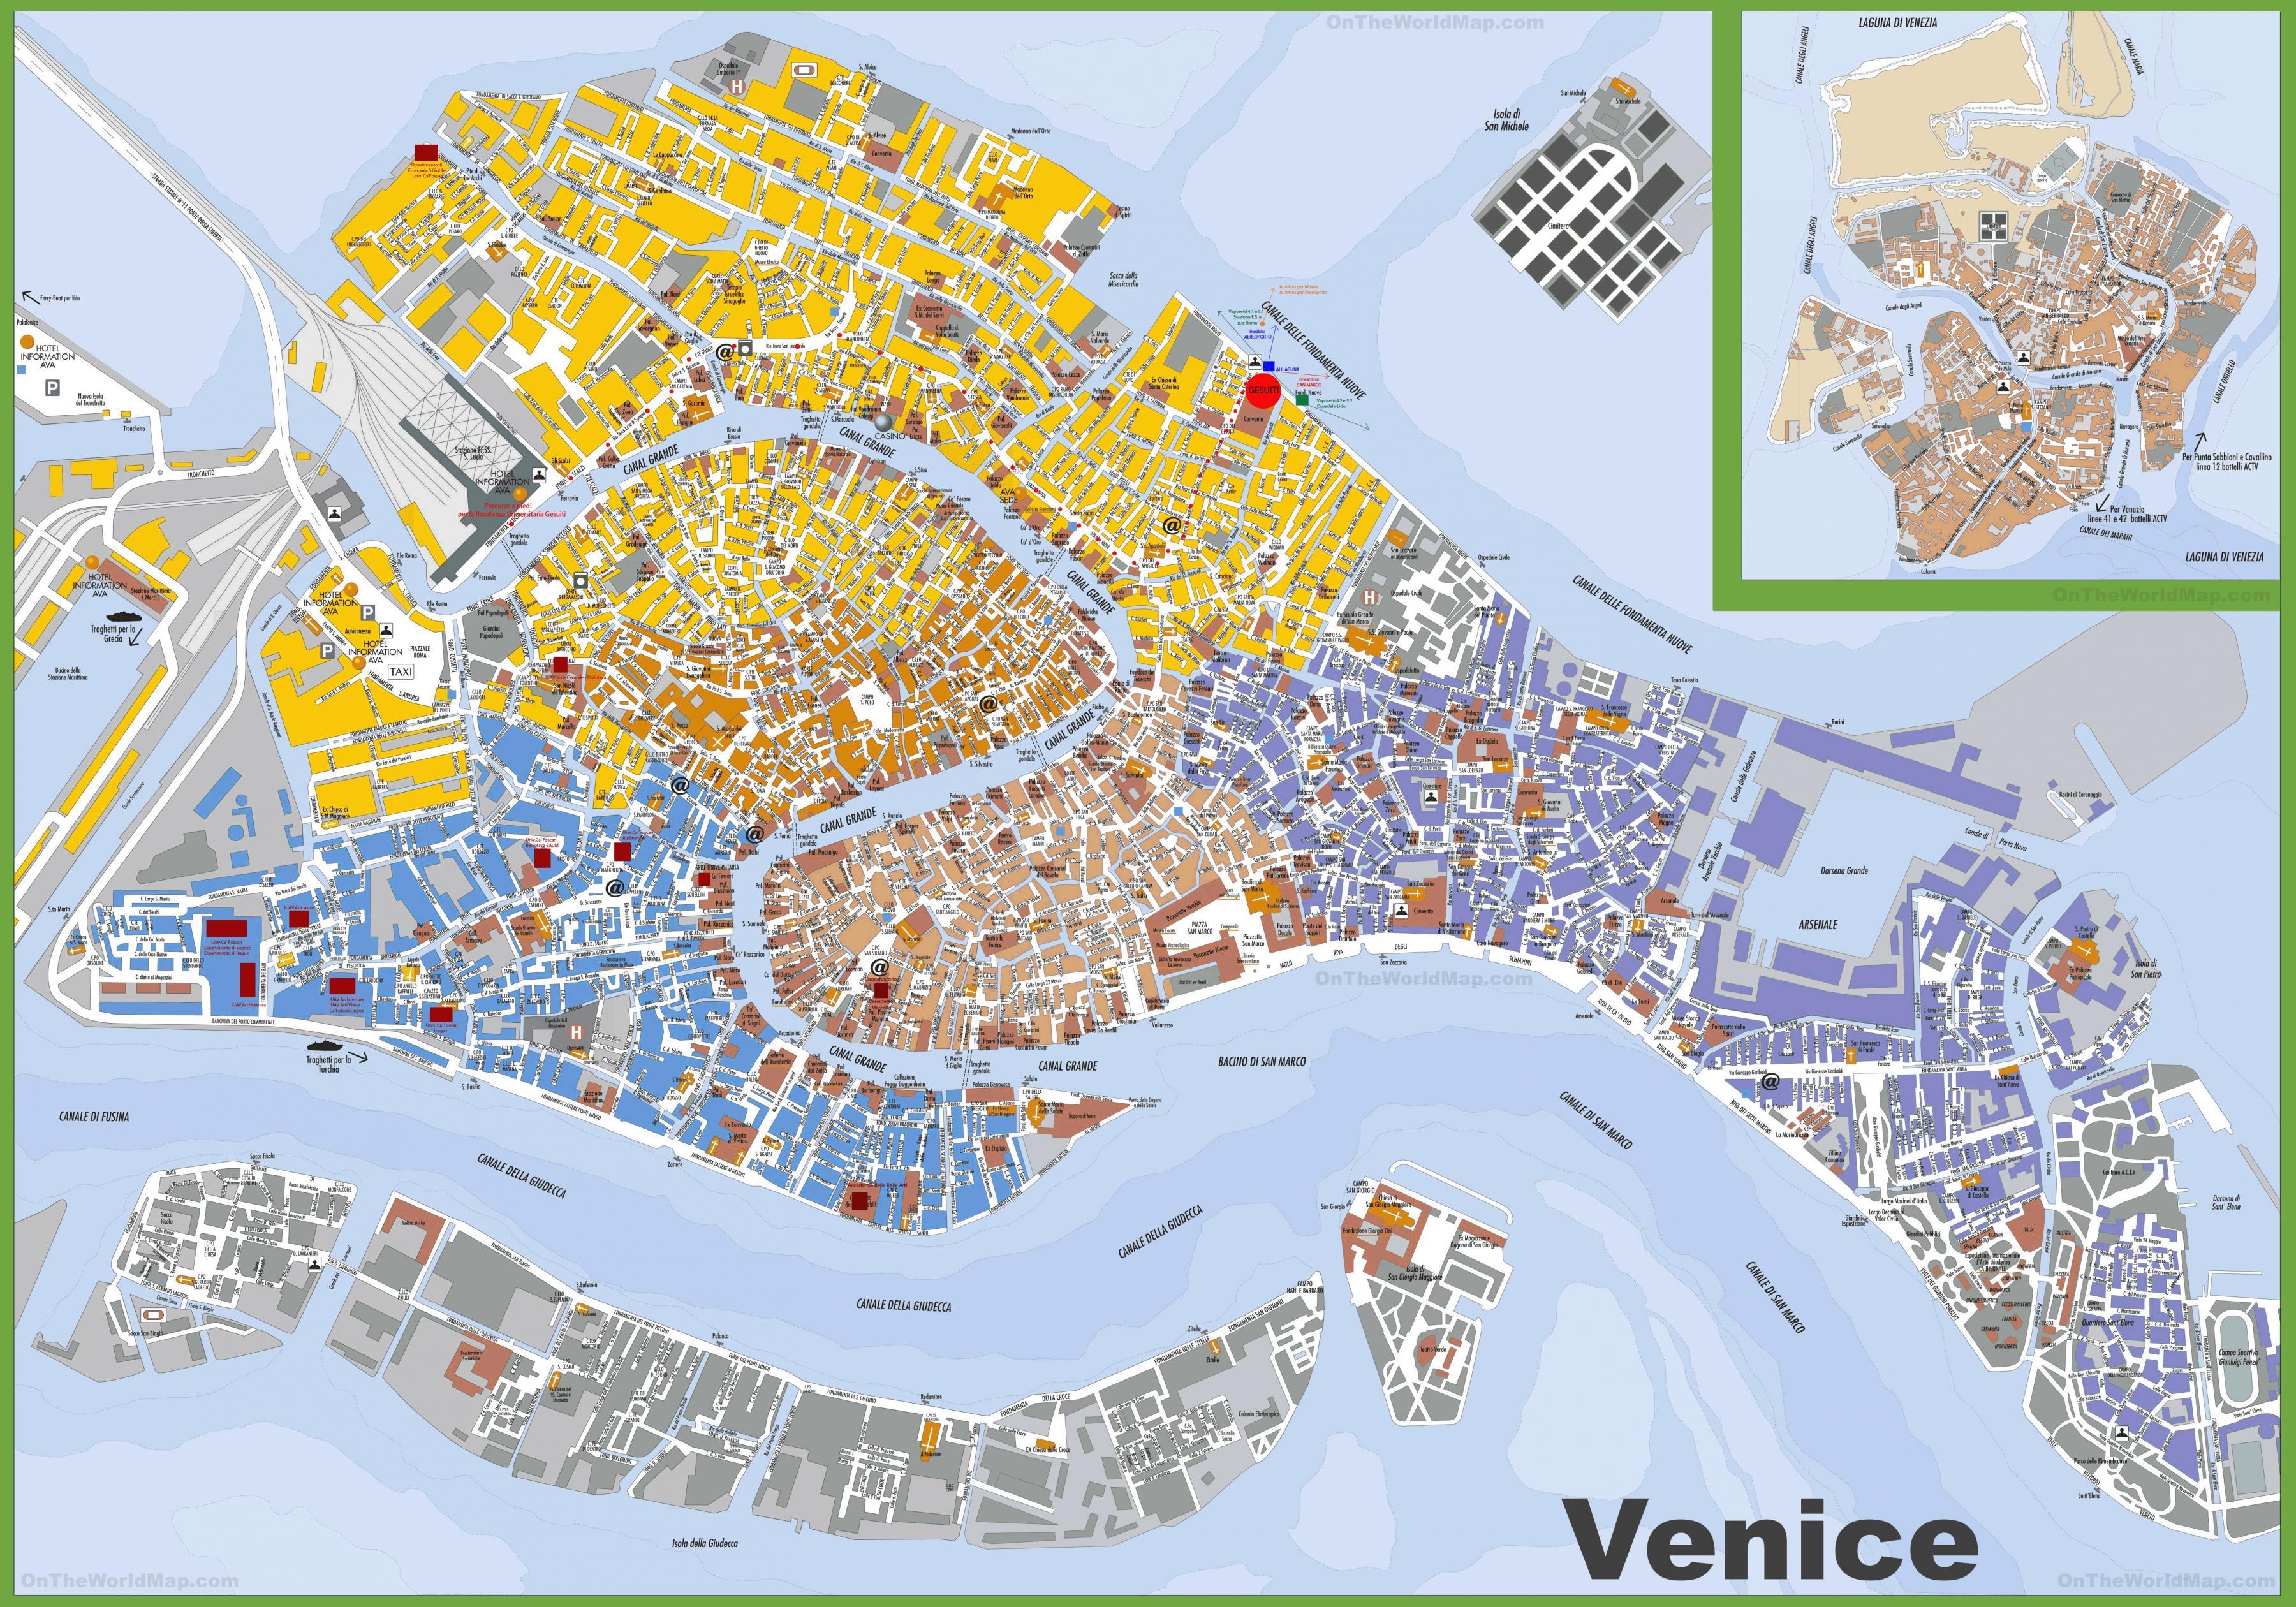 Venice city map - Venezia city map (Italy) on city map of kahoolawe, city map of bolivia, city map of estonia, city map of the netherlands, city map of slovenia, city map of libya, city map of tanzania, city map of myanmar, city map of the carolinas, city map of bosnia and herzegovina, city map of kuwait, city map of slovakia, city map of antigua, city map of latin america, city map of aruba, city map of tuscany, city map of bahrain, city map of mesopotamia, city map of luxembourg, city map of holland,